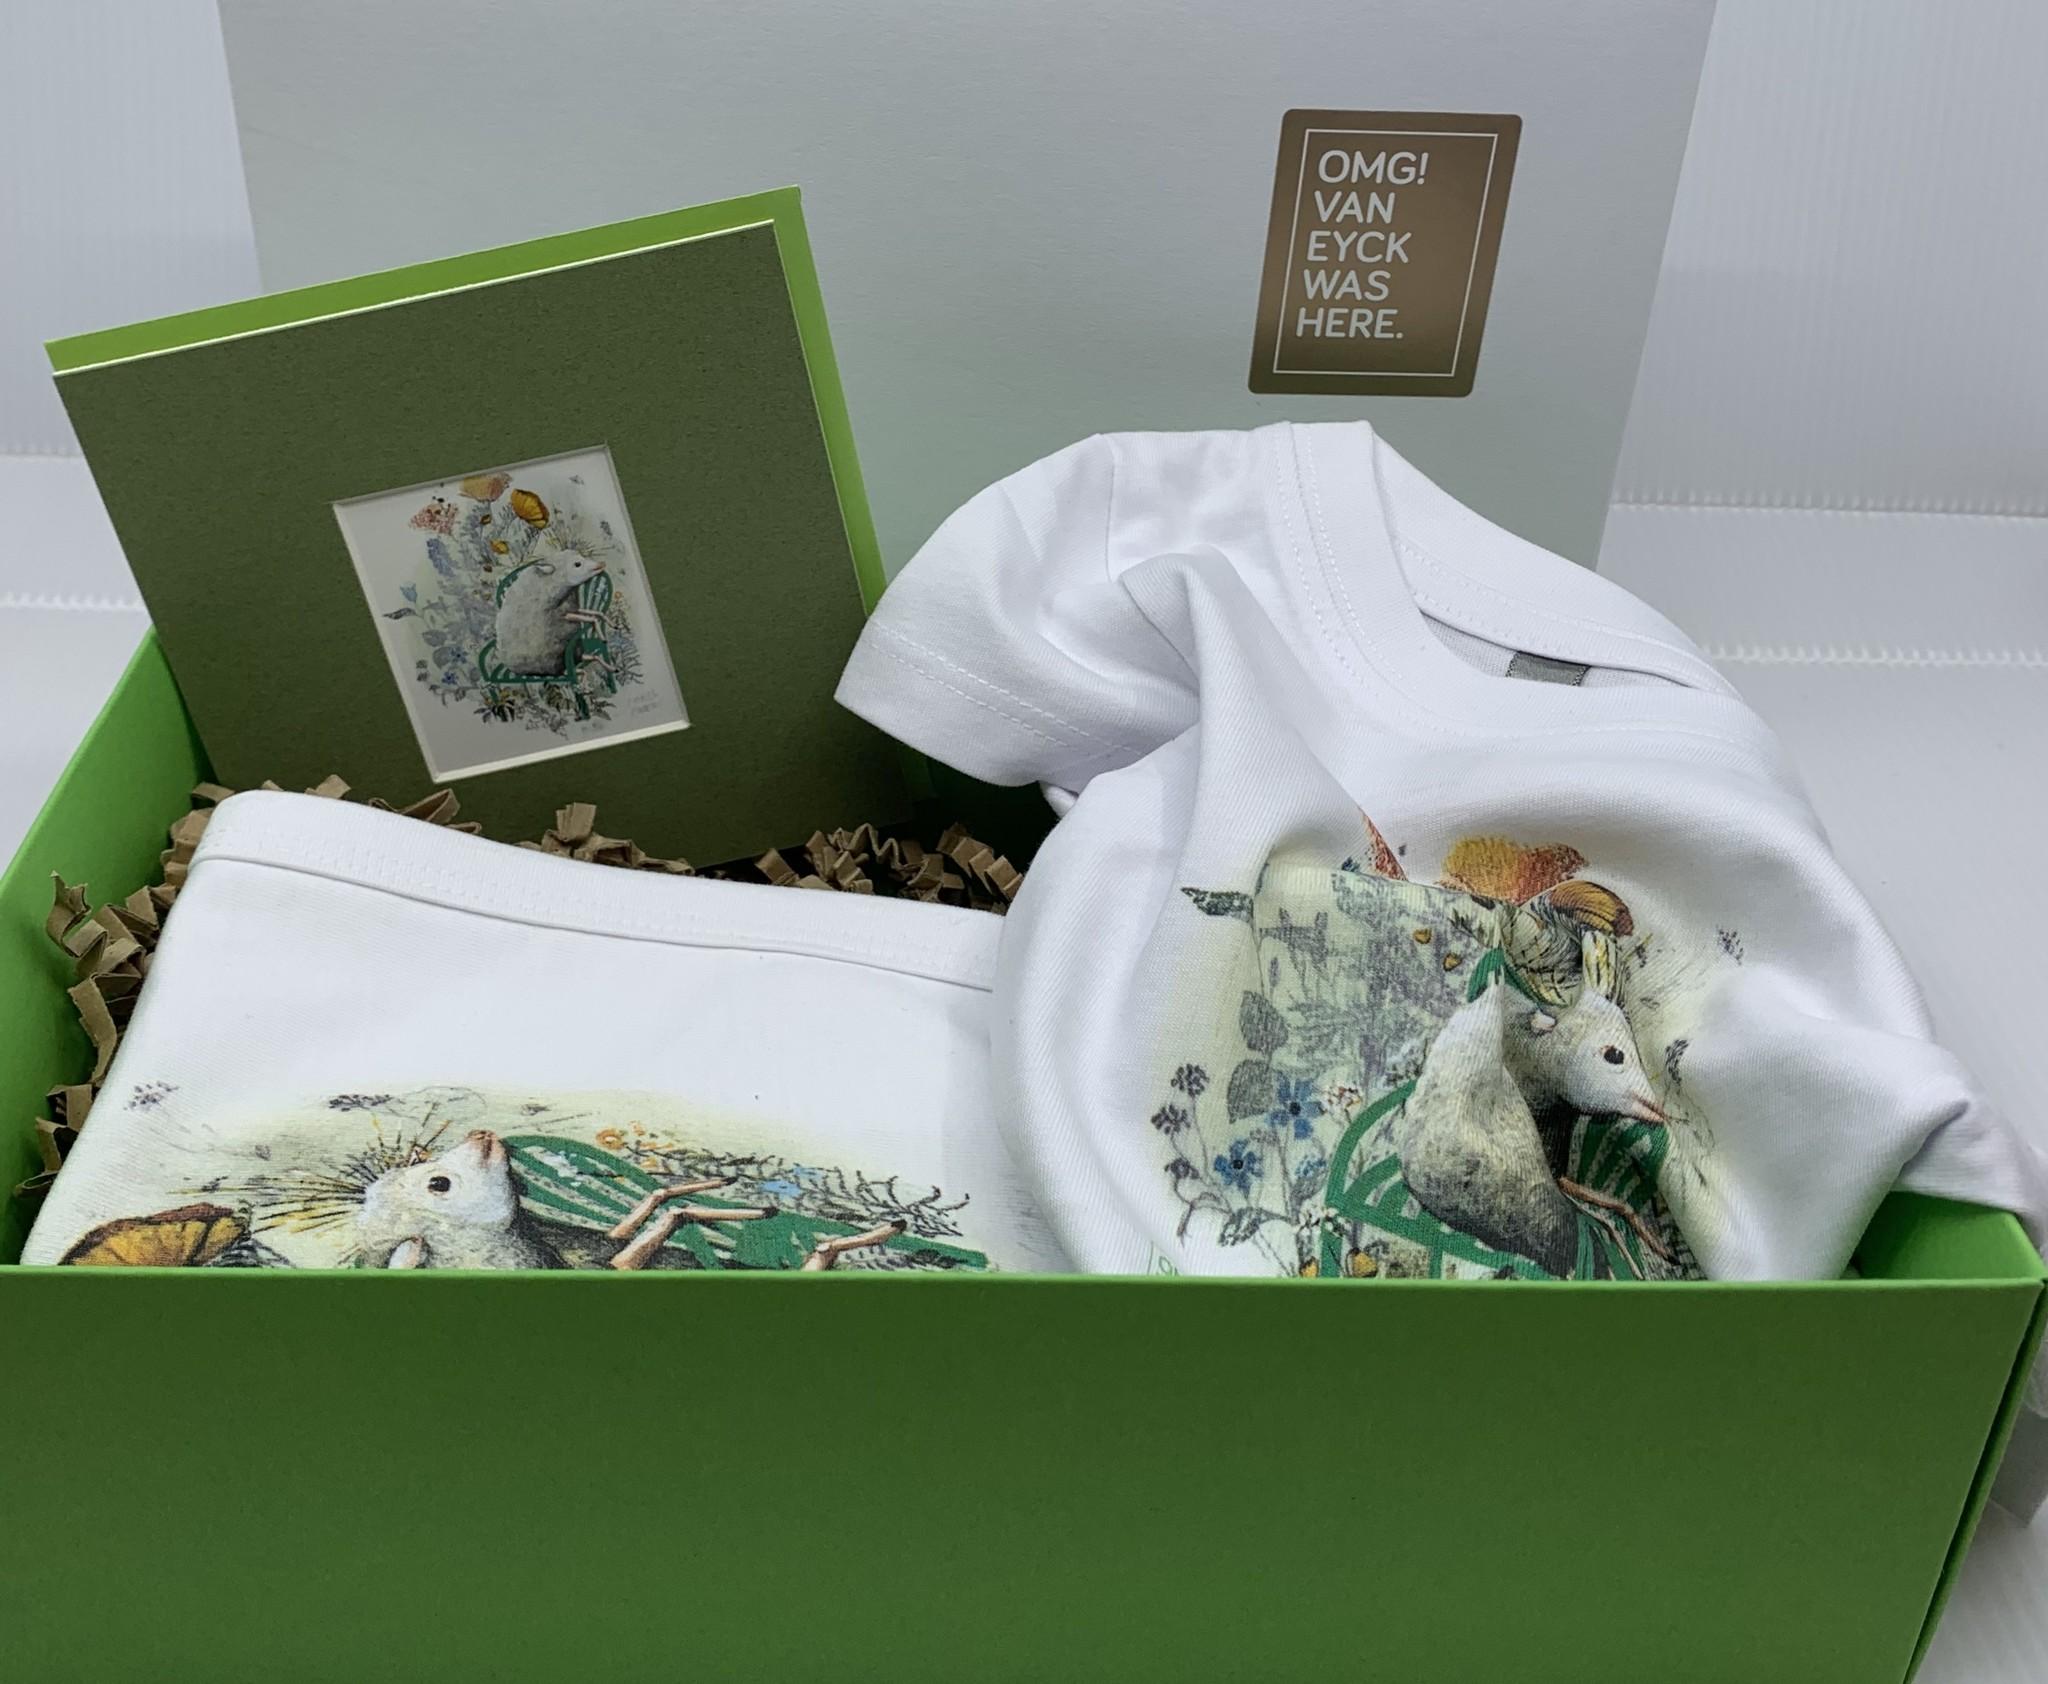 Van Eyck shop Cadeaupakket 'Little one': slabbetje, rompertje, kaartje met illustratie Carll Cneut